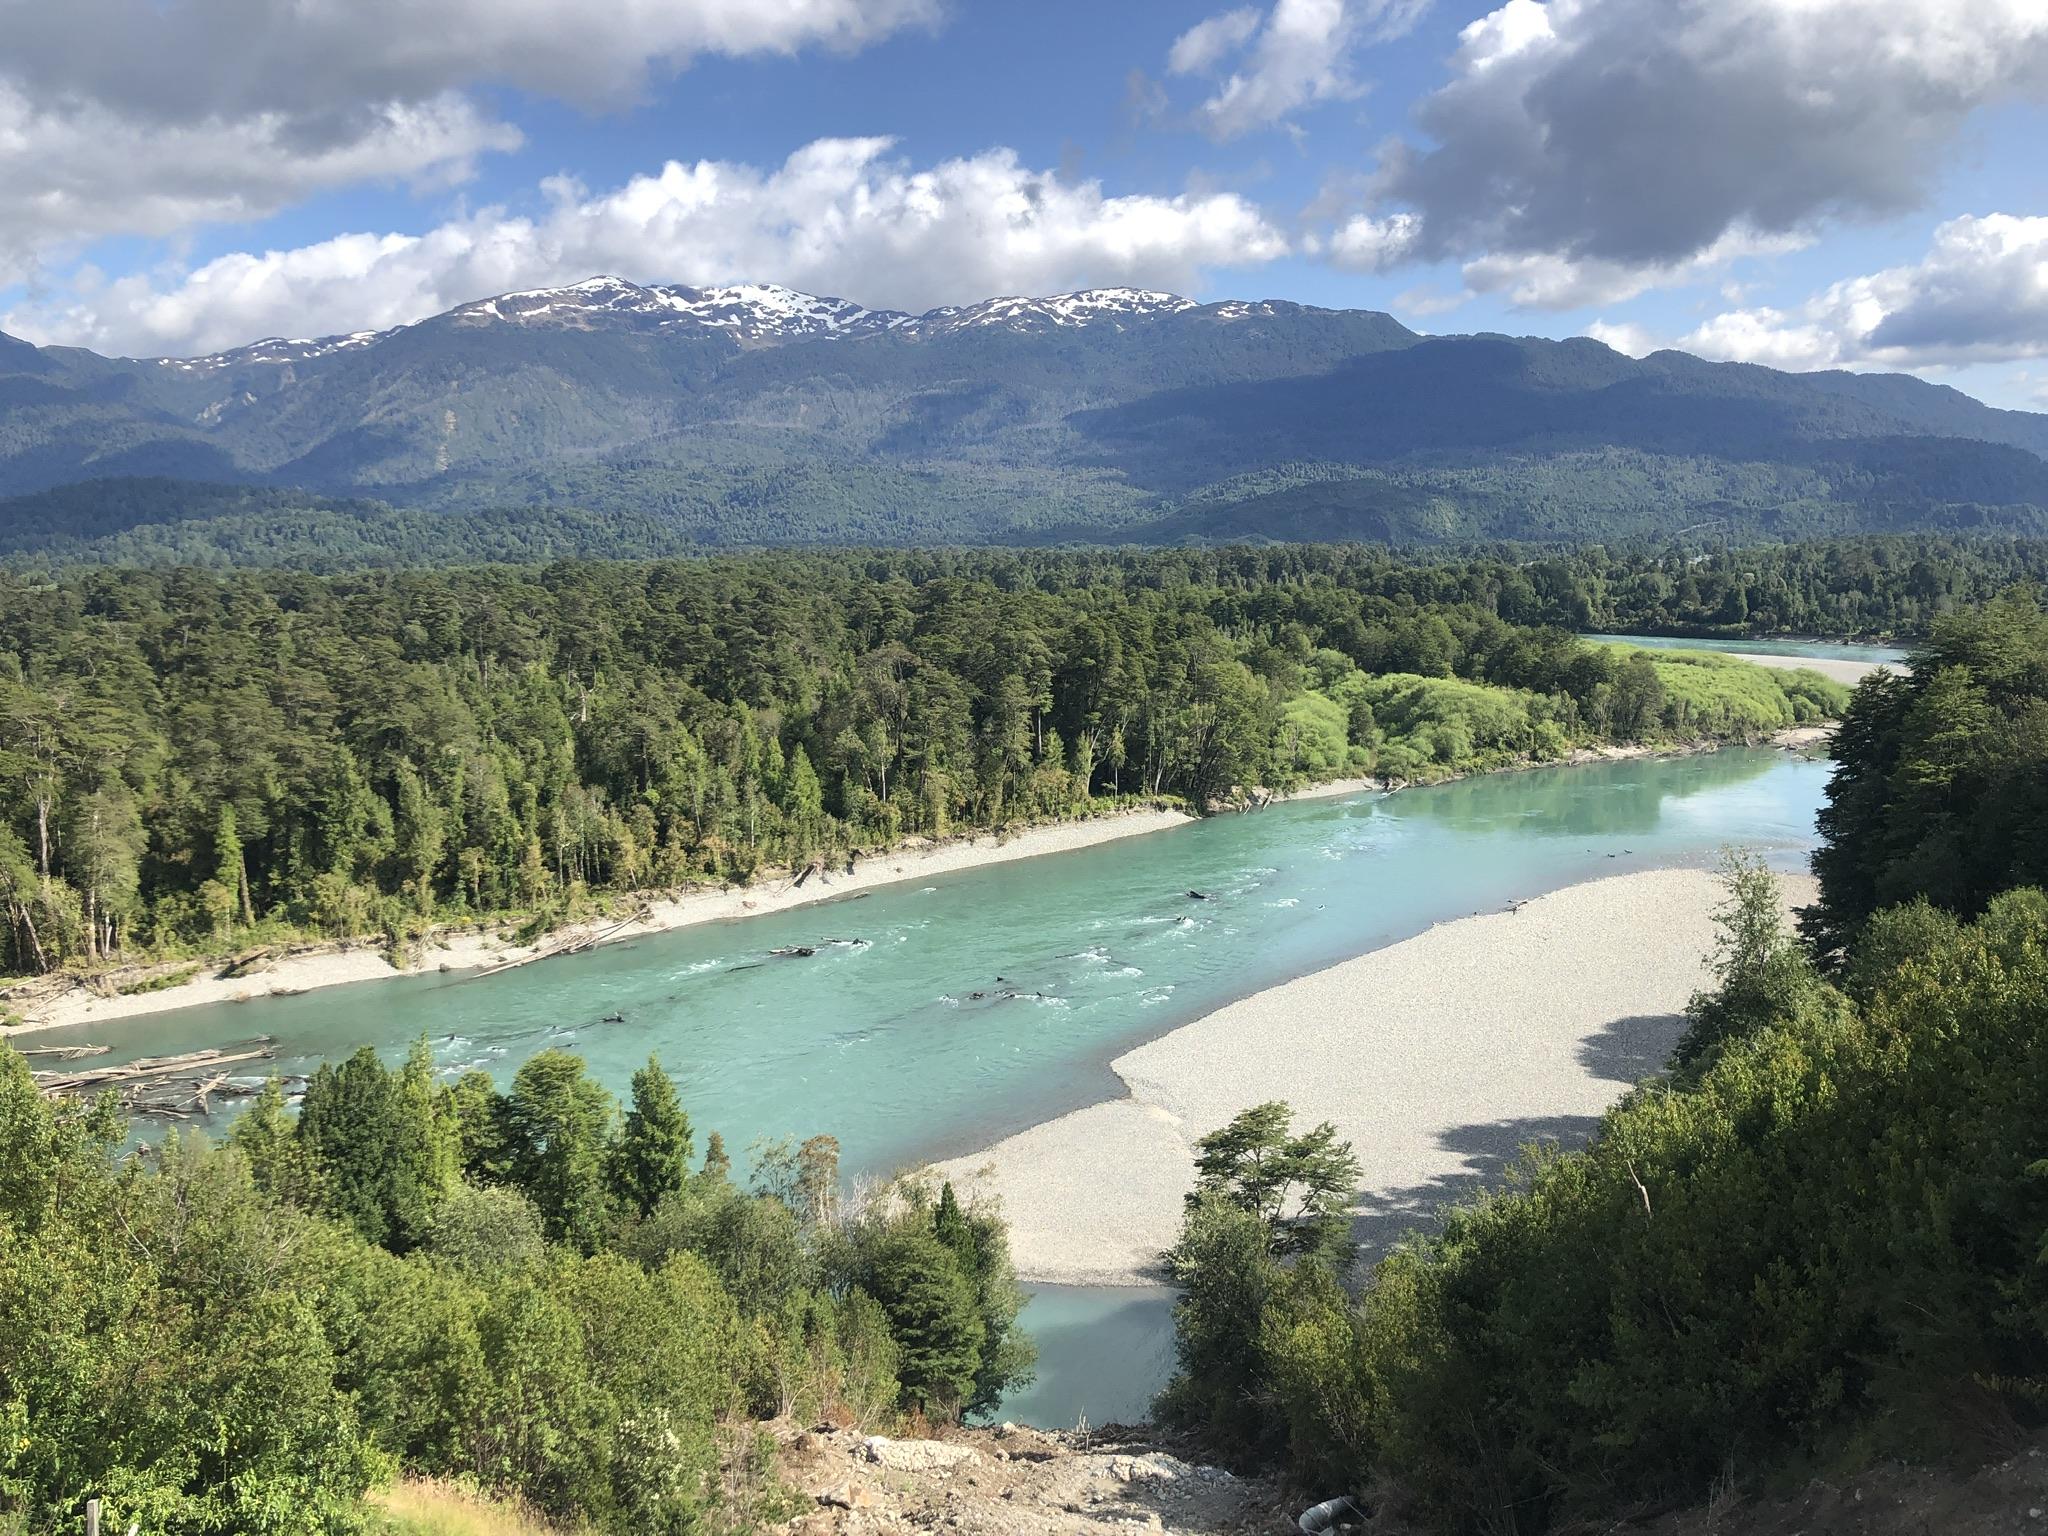 Carretera Austral, Trevelin, RN 40, San Carlos de Bariloche